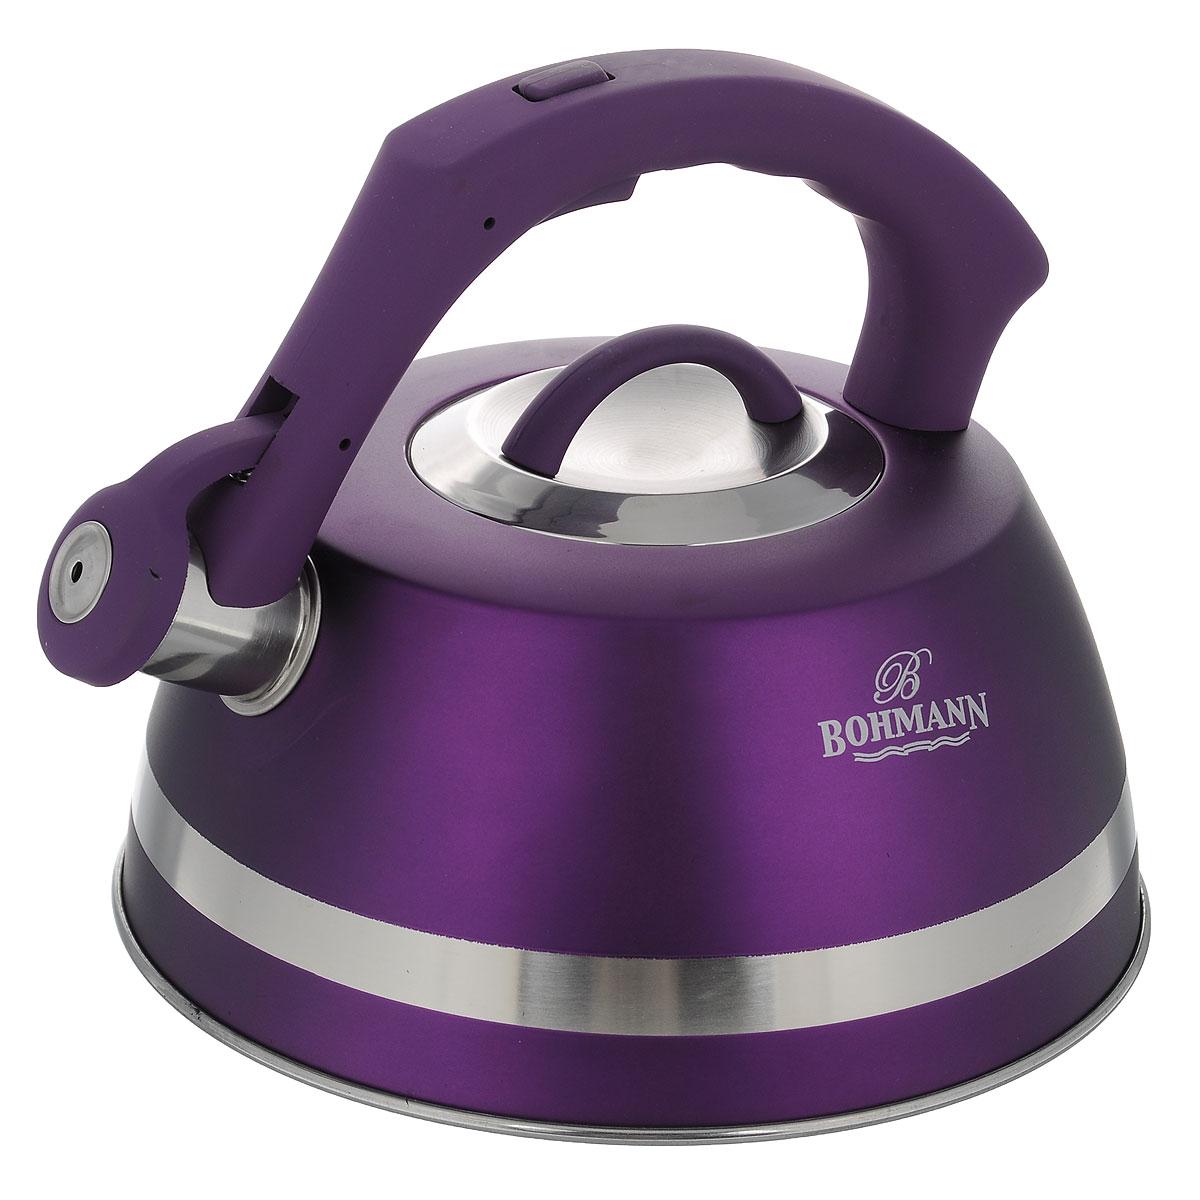 Чайник Bohmann со свистком, цвет: фиолетовый, 3,5 л. BH - 996738222Чайник Bohmann изготовлен из высококачественной нержавеющей стали с матовым цветным покрытием. Фиксированная ручка изготовлена из бакелита с прорезиненным покрытием. Носик чайника оснащен откидным свистком, звуковой сигнал которого подскажет, когда закипит вода. Свисток открывается нажатием кнопки на ручке.Чайник Bohmann - качественное исполнение и стильное решение для вашей кухни. Подходит для использования на газовых, стеклокерамических, электрических, галогеновых и индукционных плитах. Нельзя мыть в посудомоечной машине.